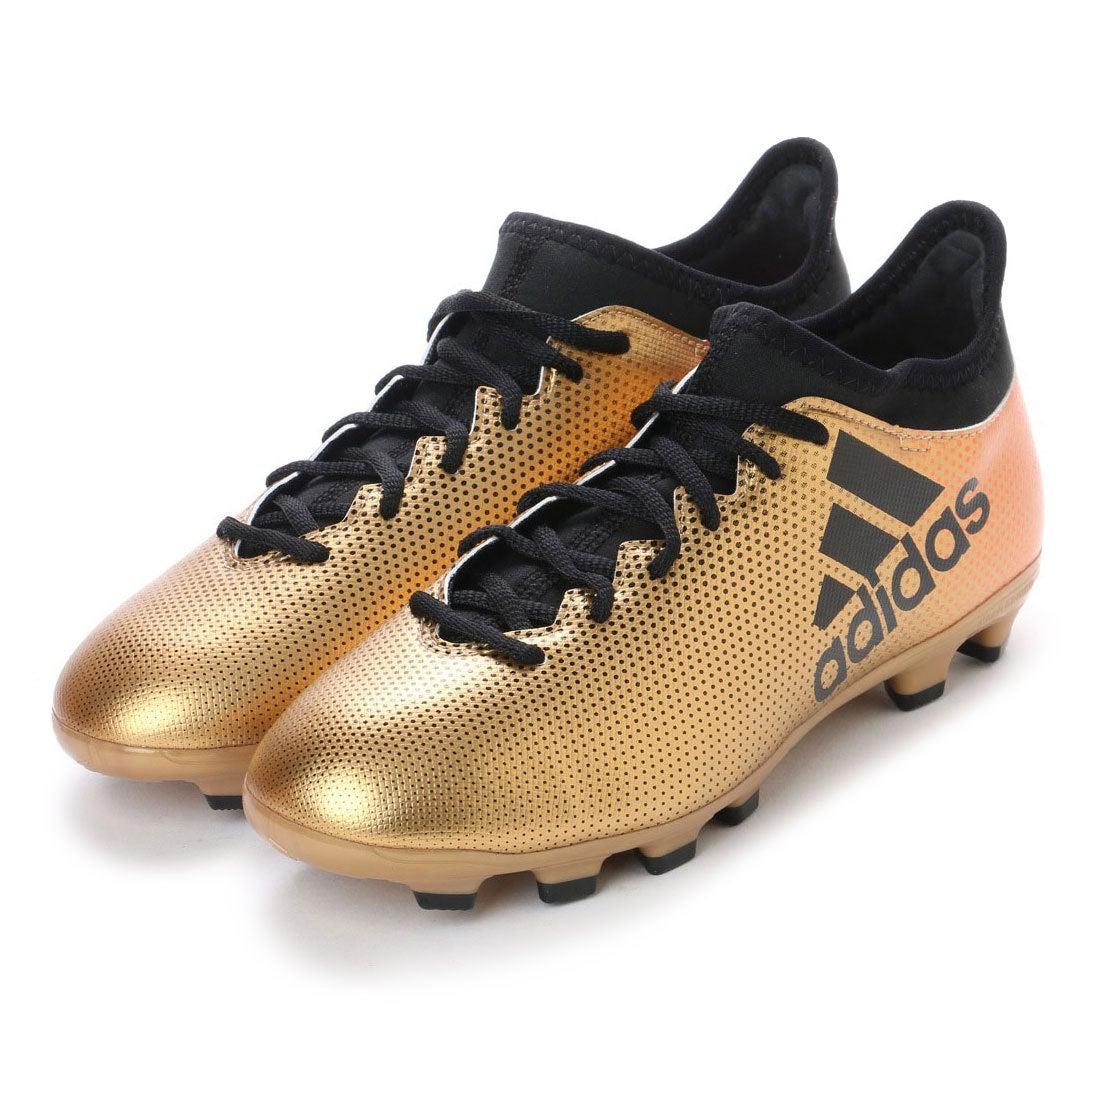 【SALE 35%OFF】アディダス adidas サッカー スパイクシューズ エックス 17.3 HG CQ1977